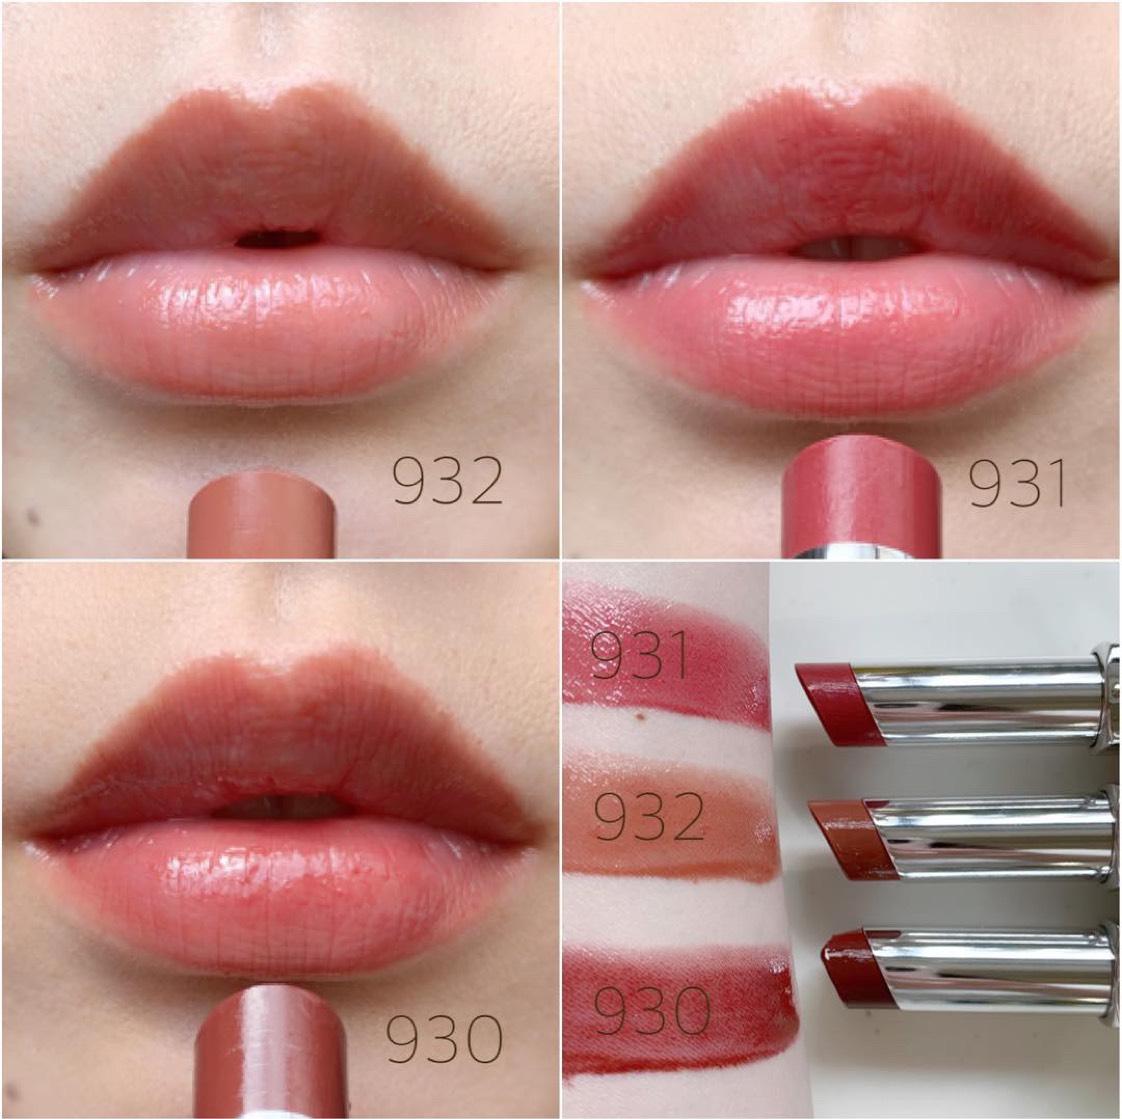 素の唇に1度塗り💛 ↓↓↓ こちらは素の唇にon💨 リップ本体を見ると濃く発色するように見えるけど、1度塗りなら普段使いもしやすい👍